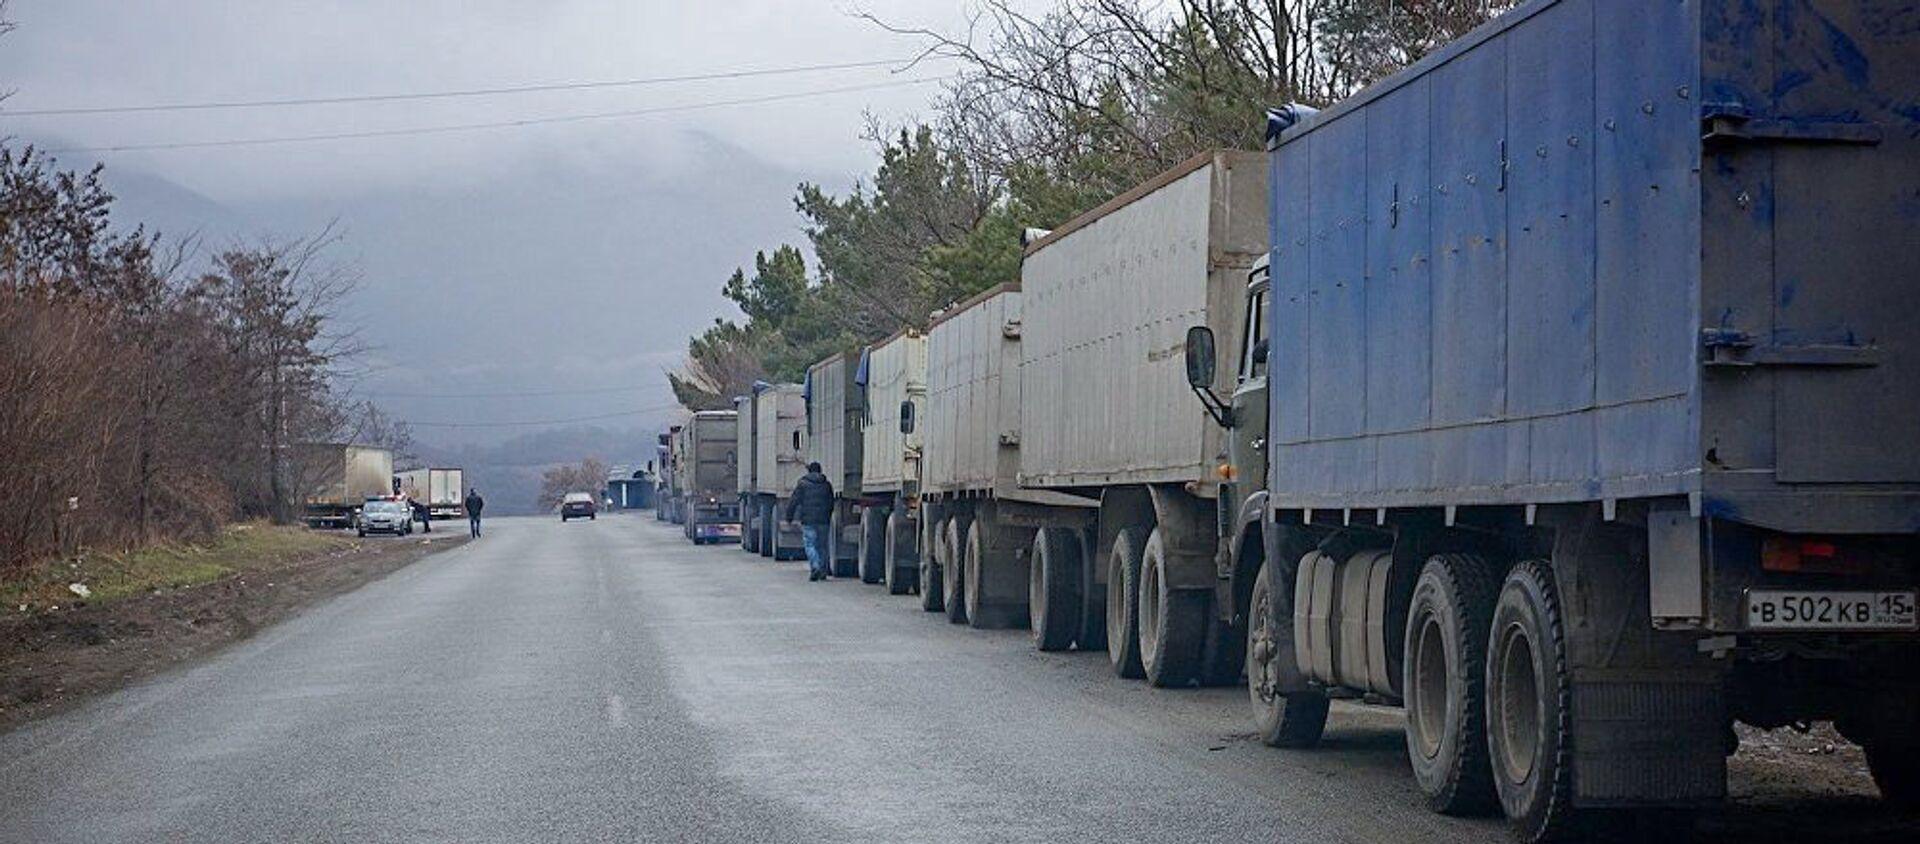 Очередь грузовых автомобилей на Военно-Грузинской дороге. - Sputnik Грузия, 1920, 05.04.2021